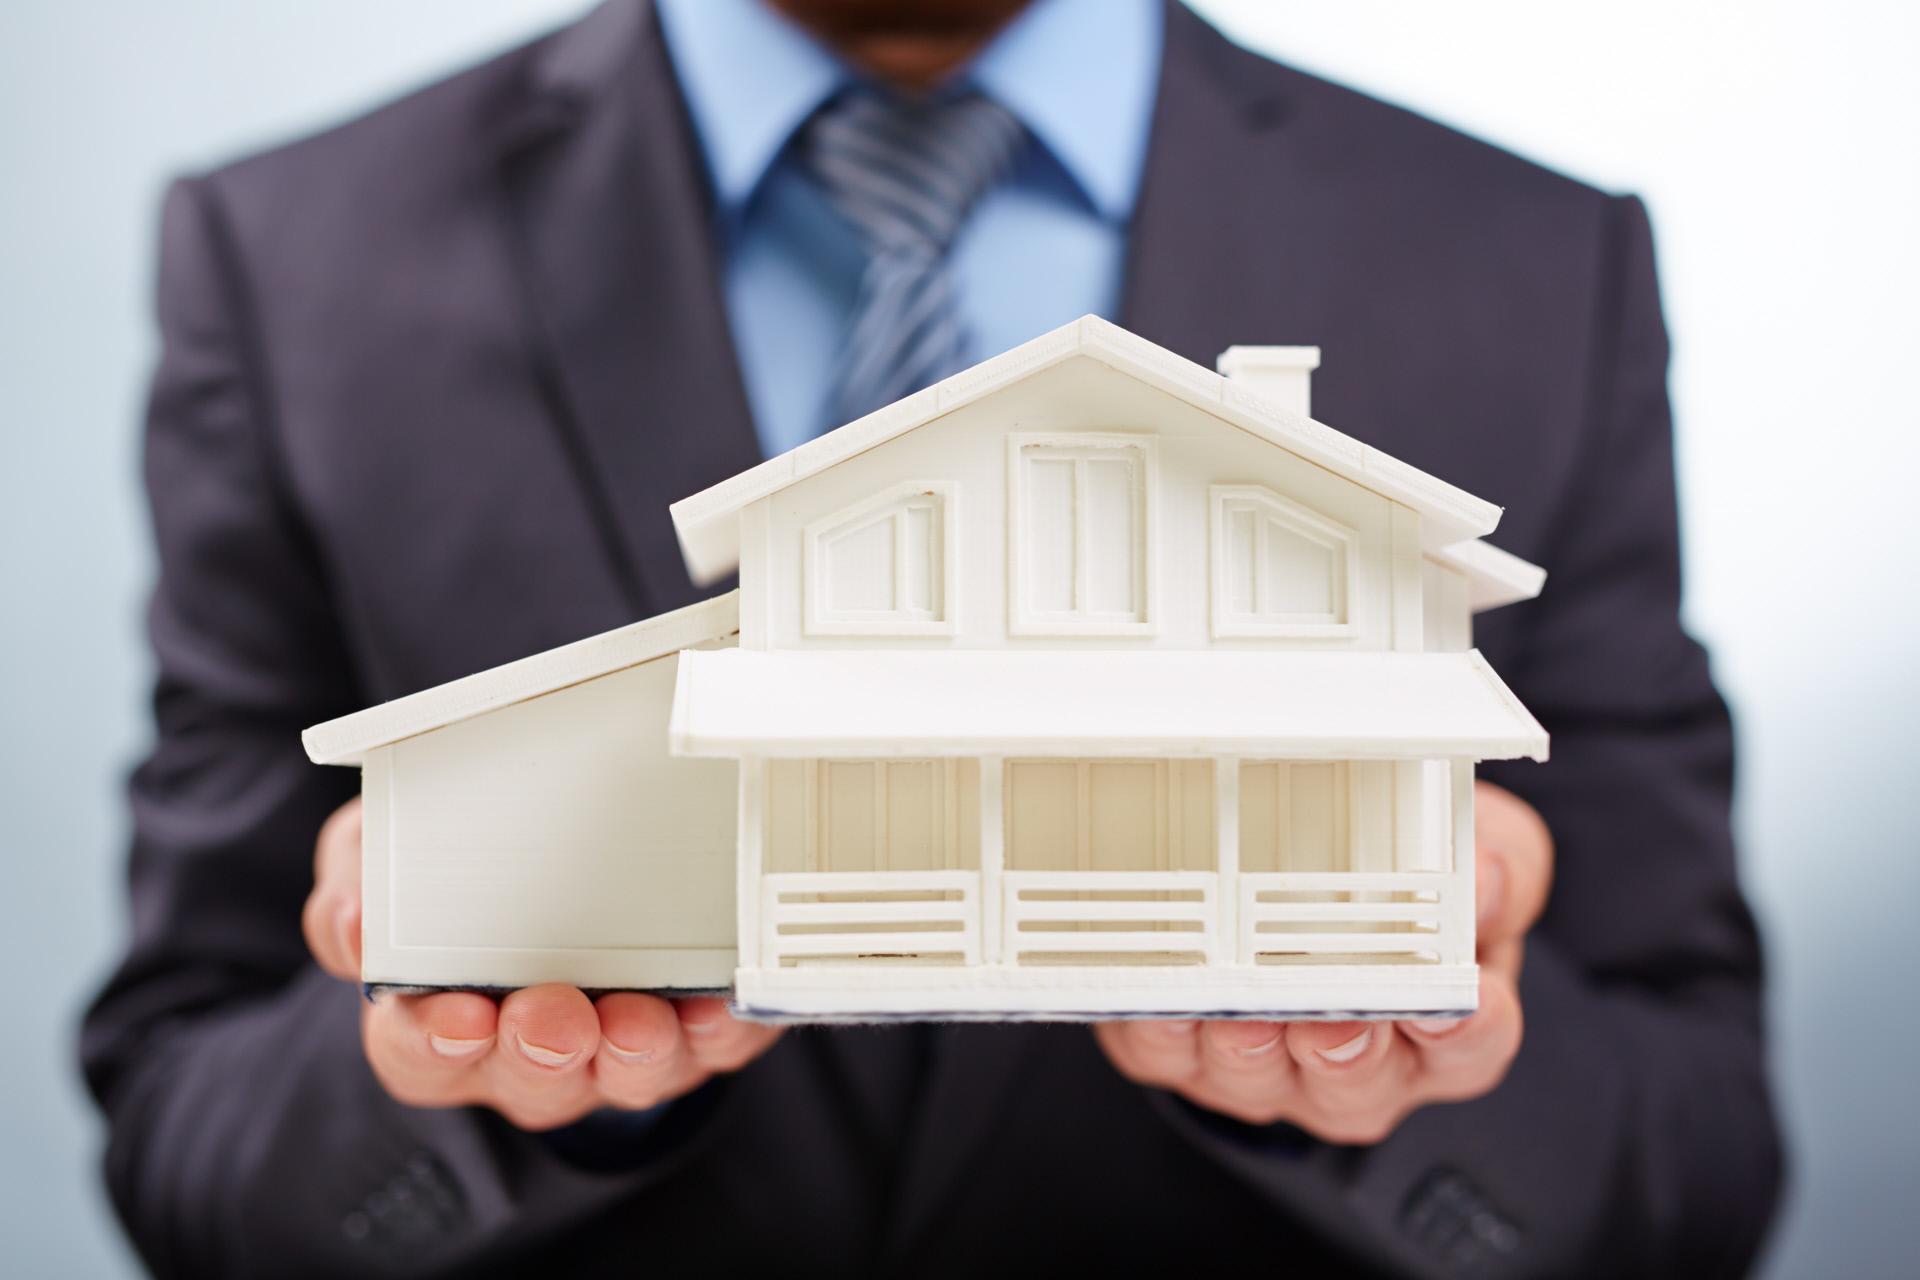 Invertir en vivienda no es la mejor opción / Gtres